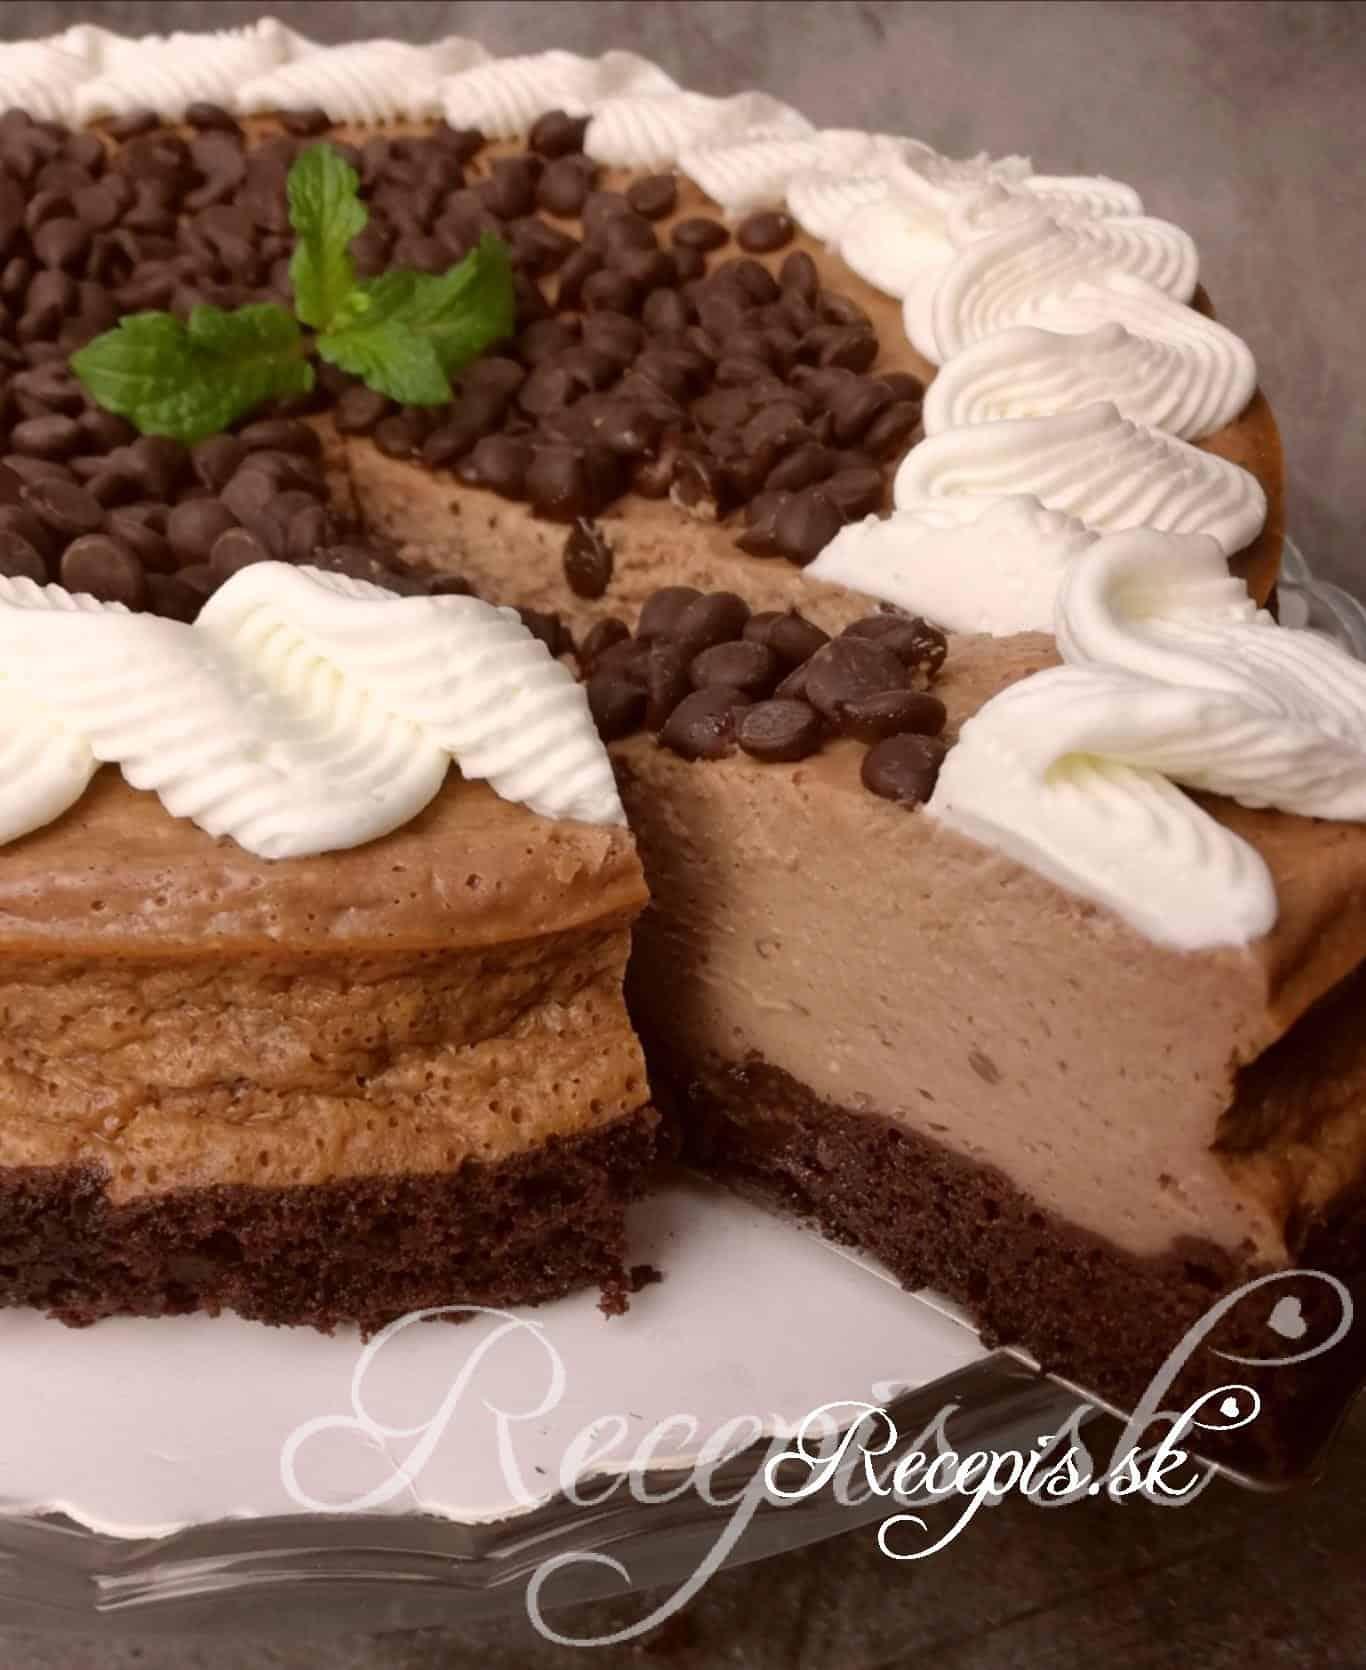 Vysoký čokoládový cheesecake